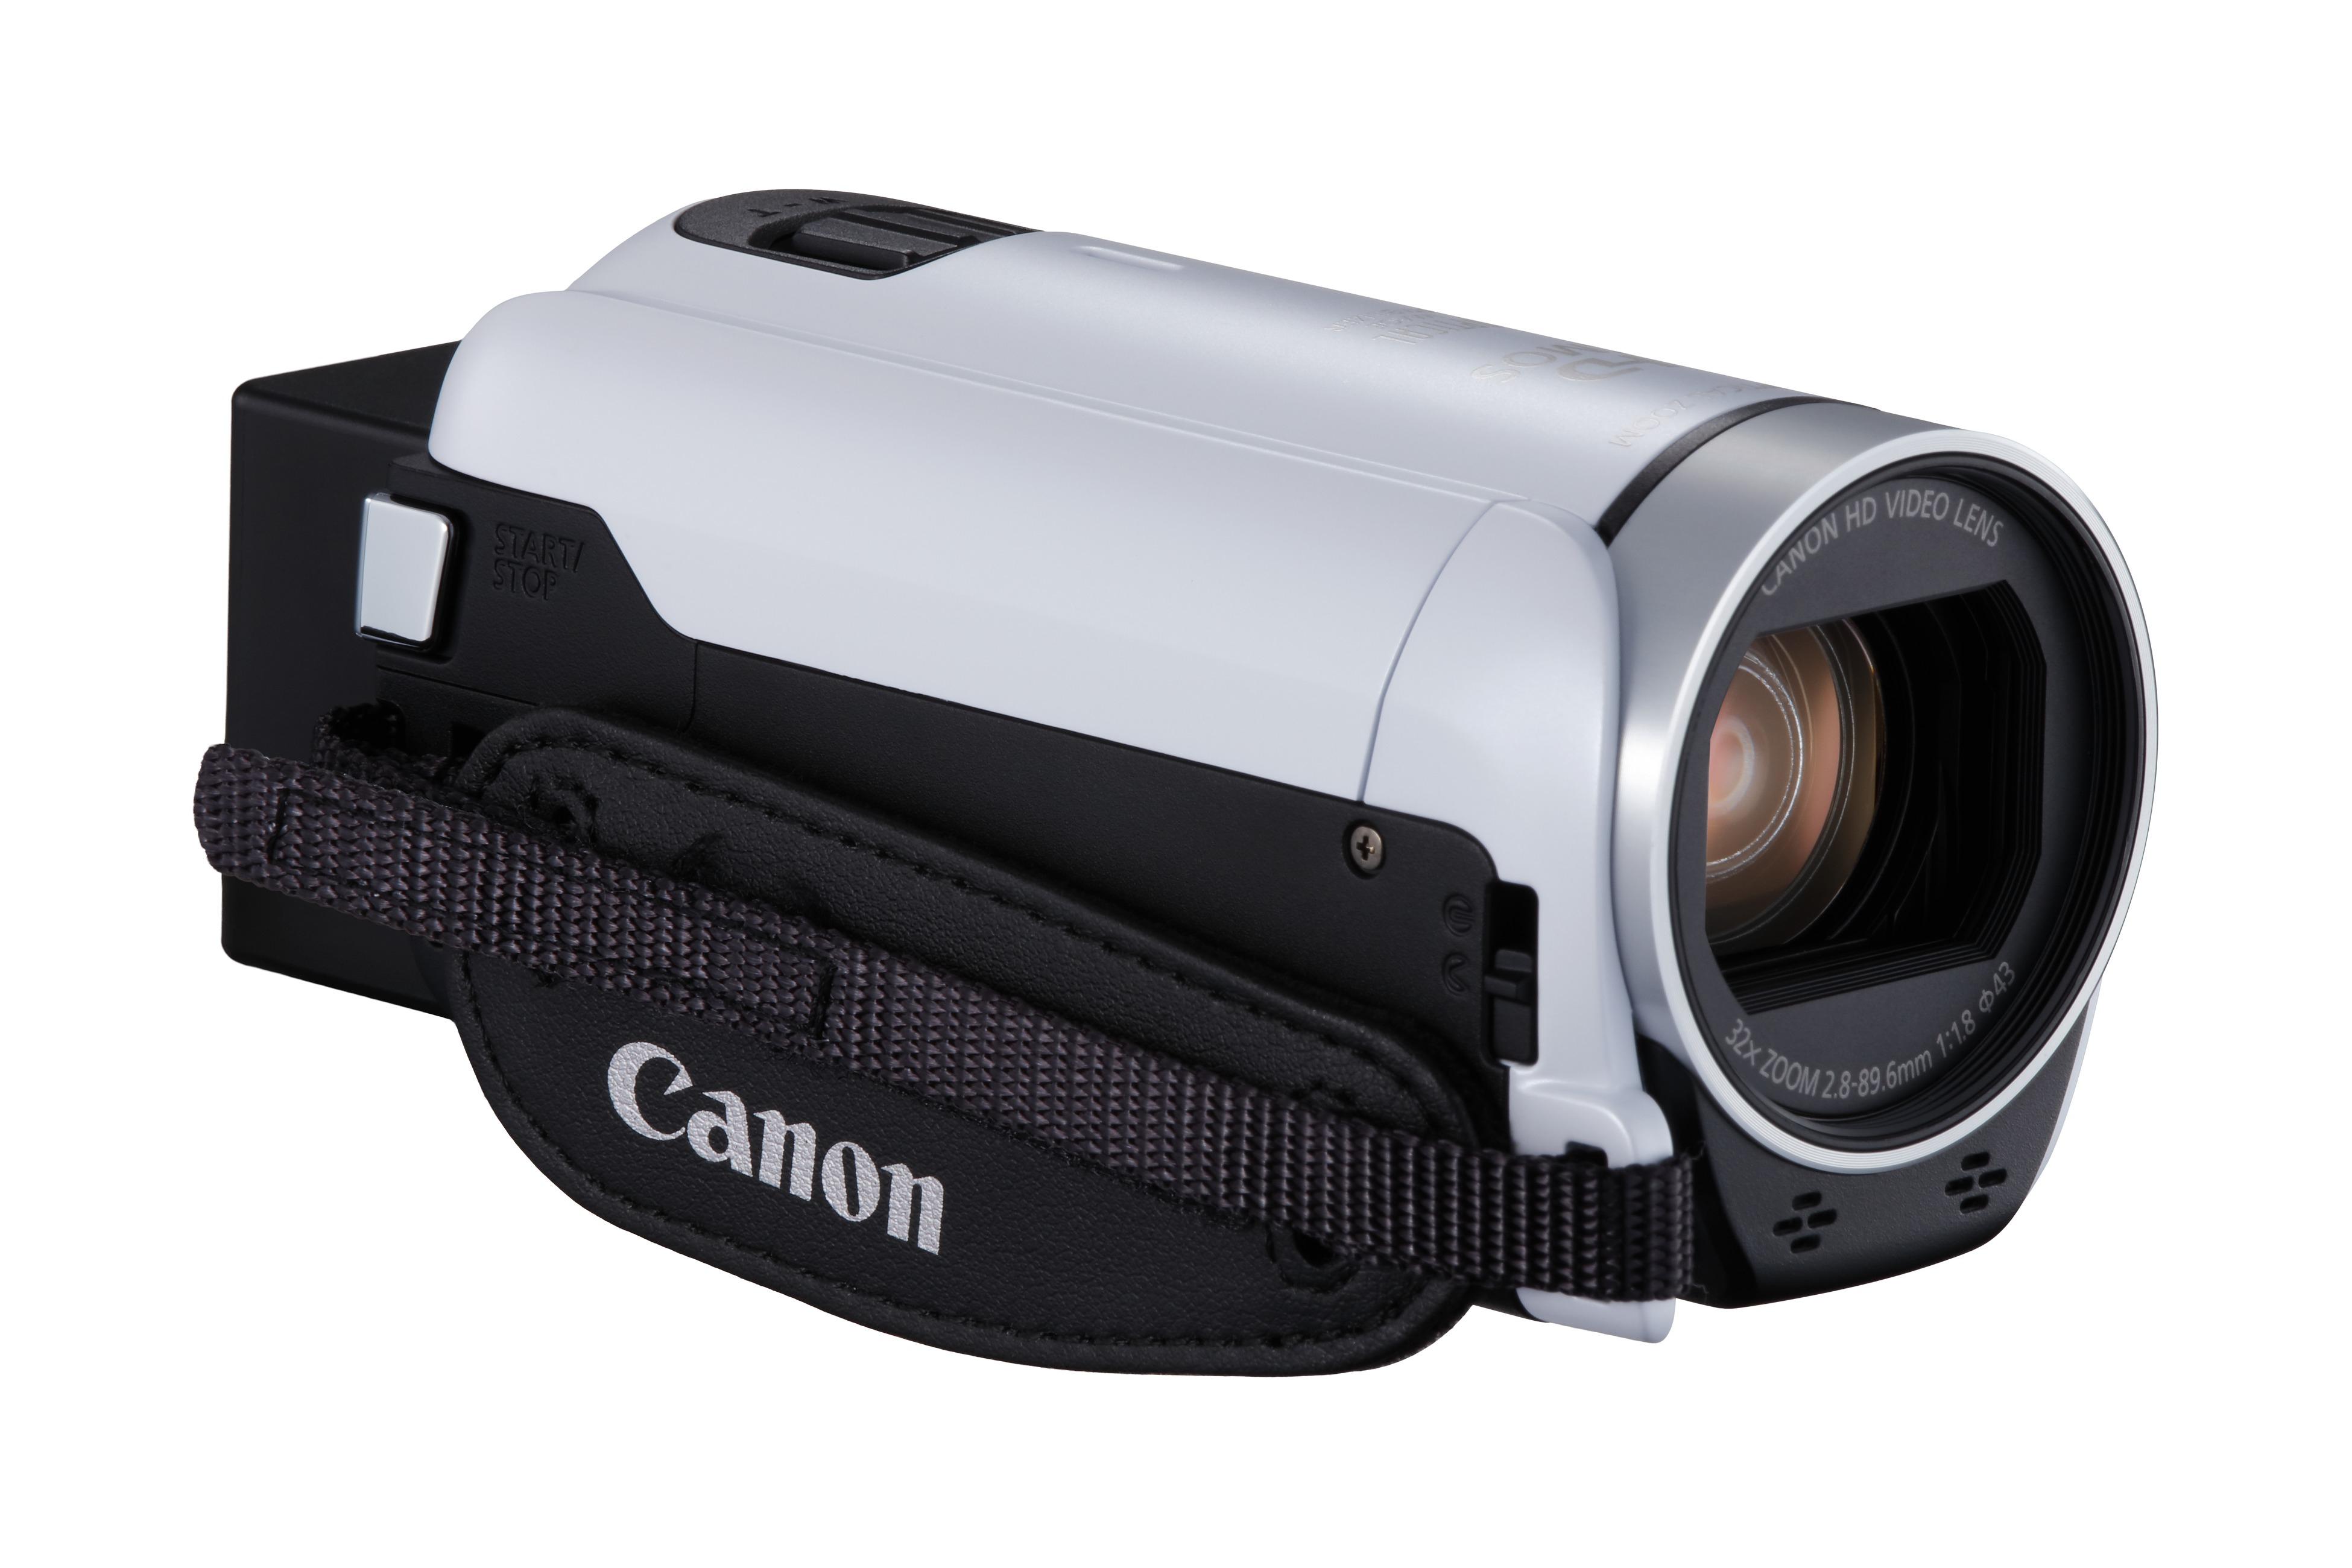 LEGRIA HF R806 VIDEOCáMARA MANUAL 3.28MP CMOS FULL HD BLANCO